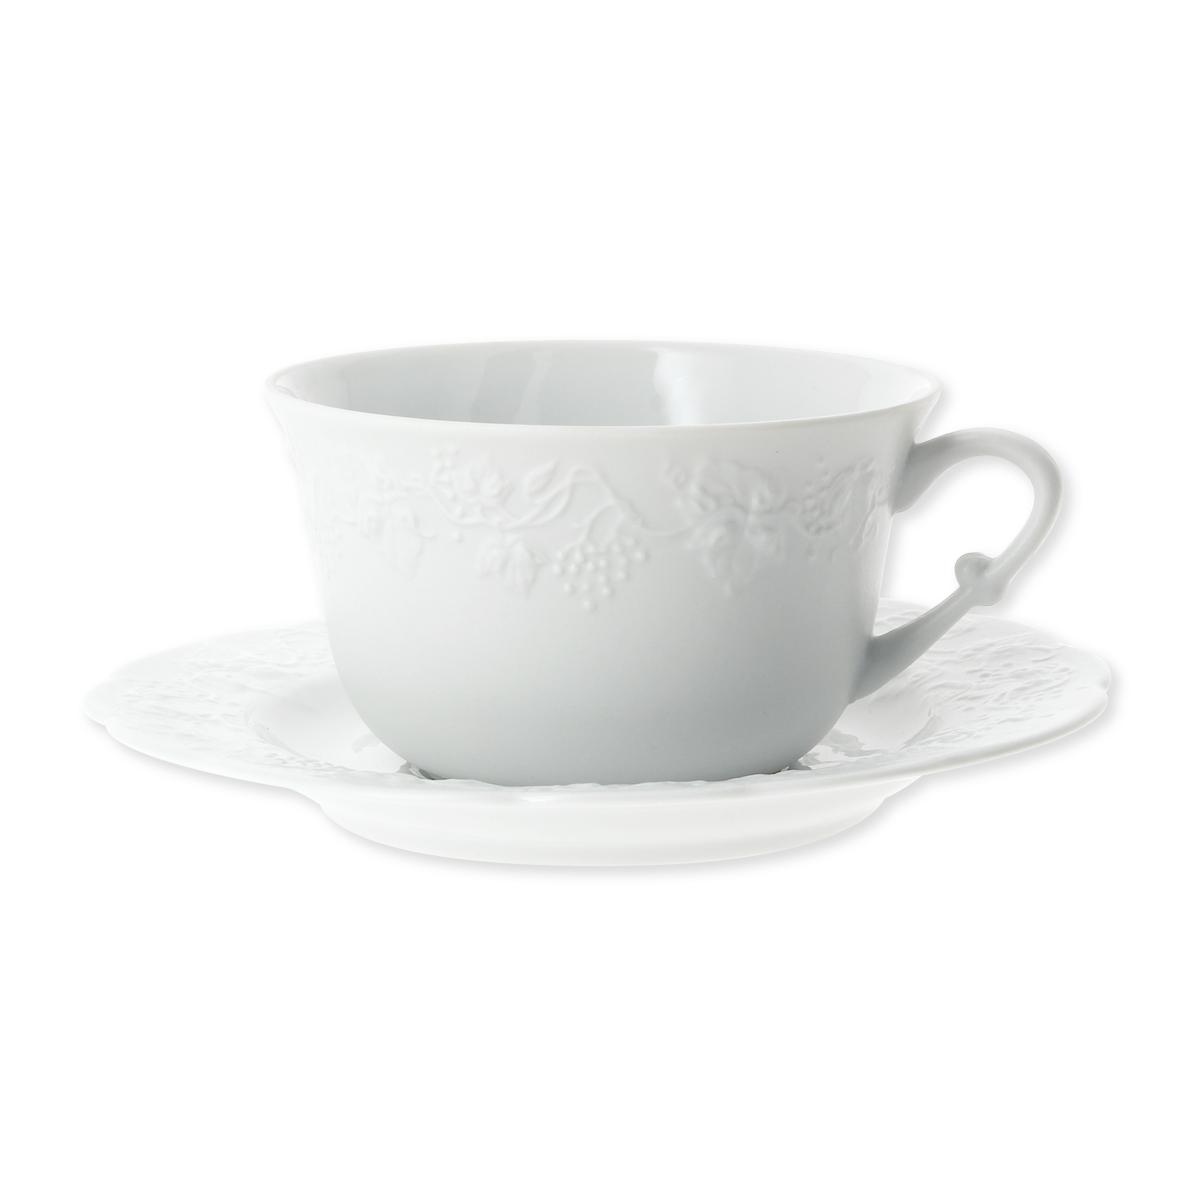 tasse d jeuner en porcelaine blanche motif fruits bruno evrard. Black Bedroom Furniture Sets. Home Design Ideas